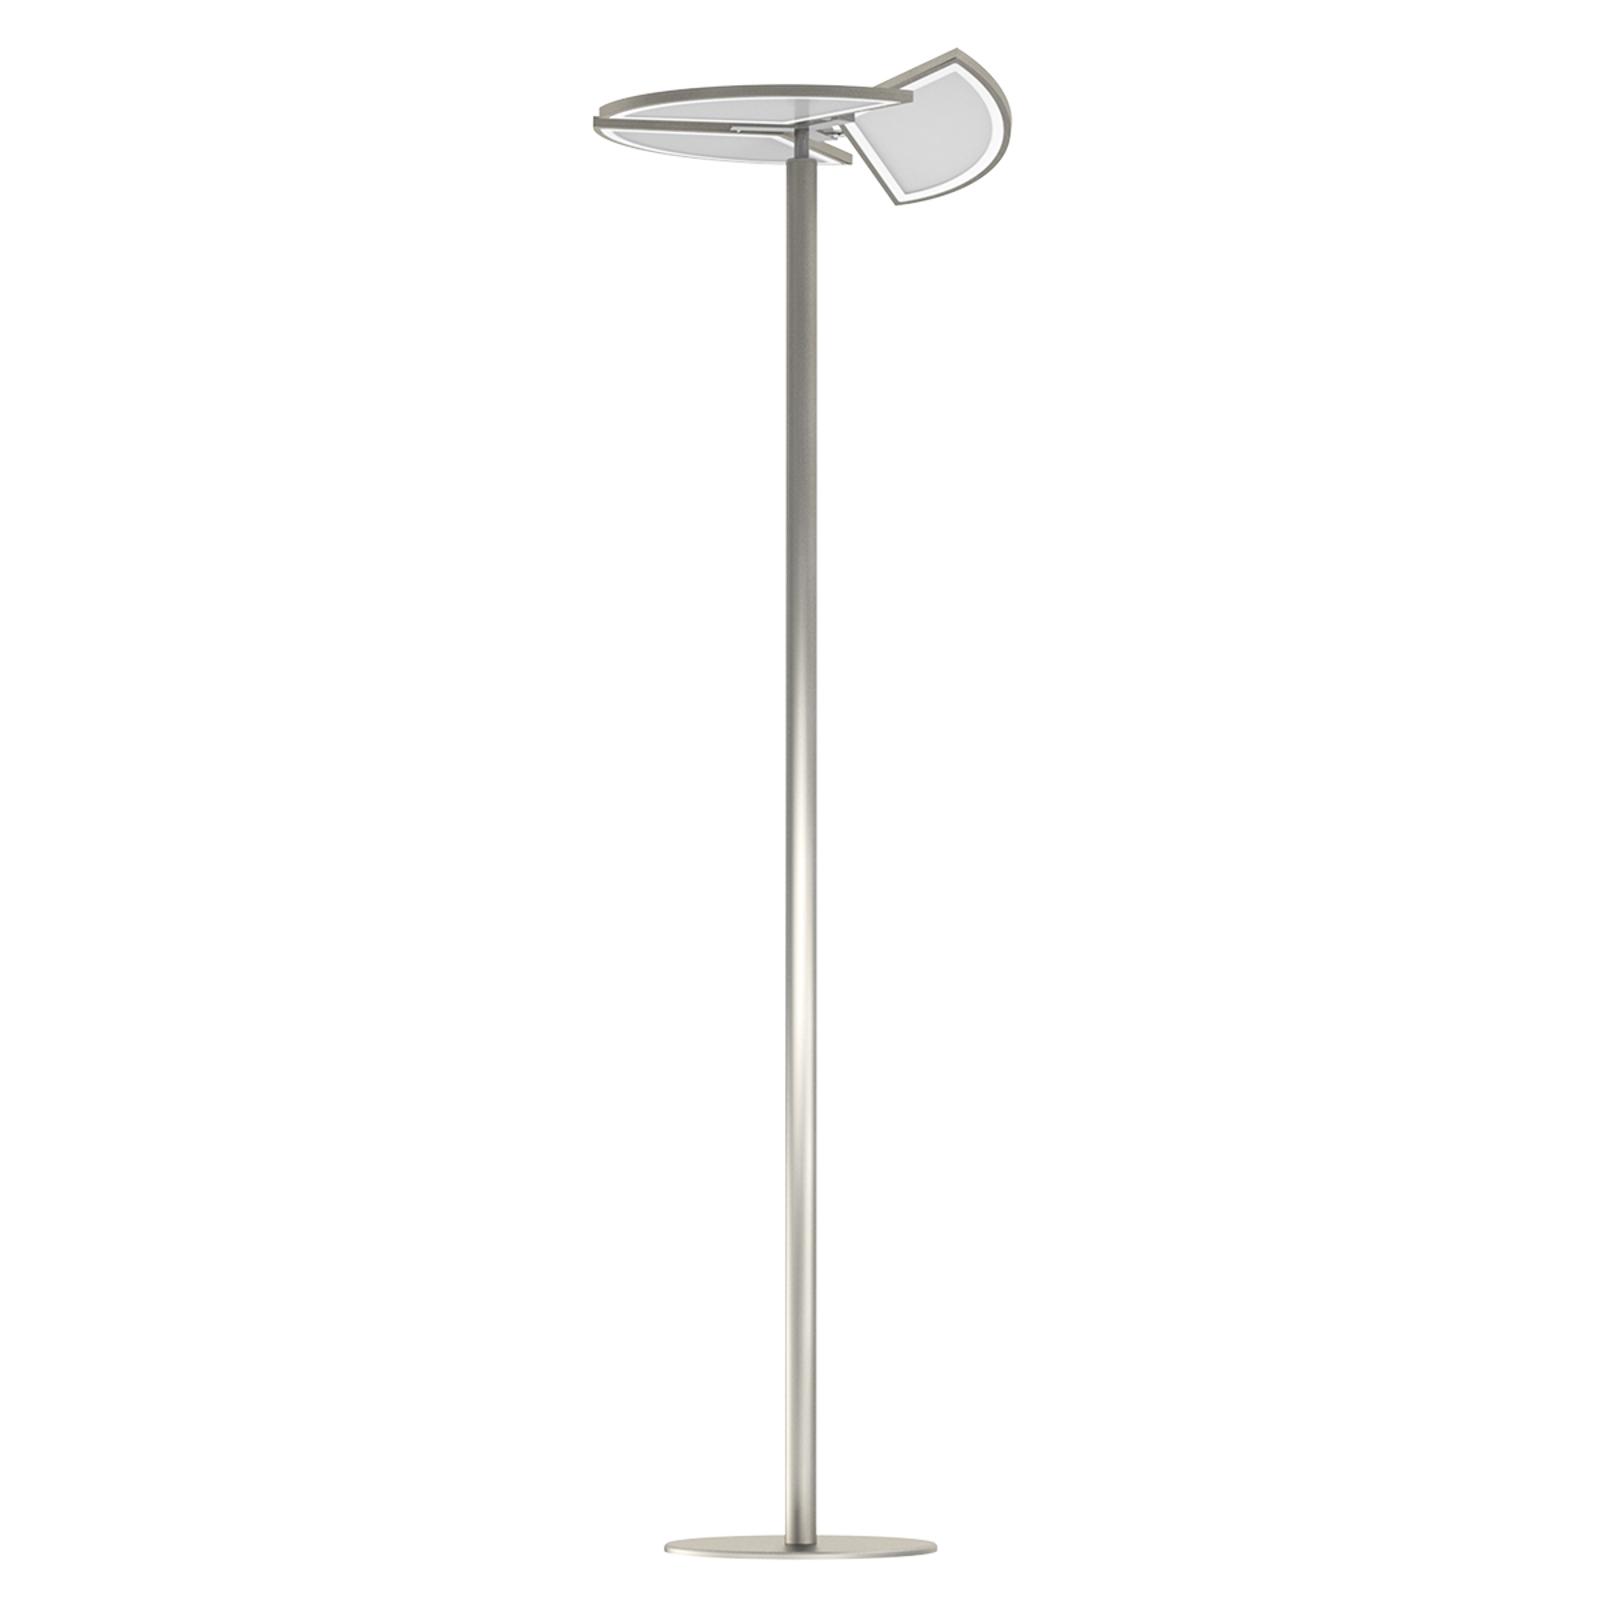 Moderní stojací LED lampa Movil, Color Control